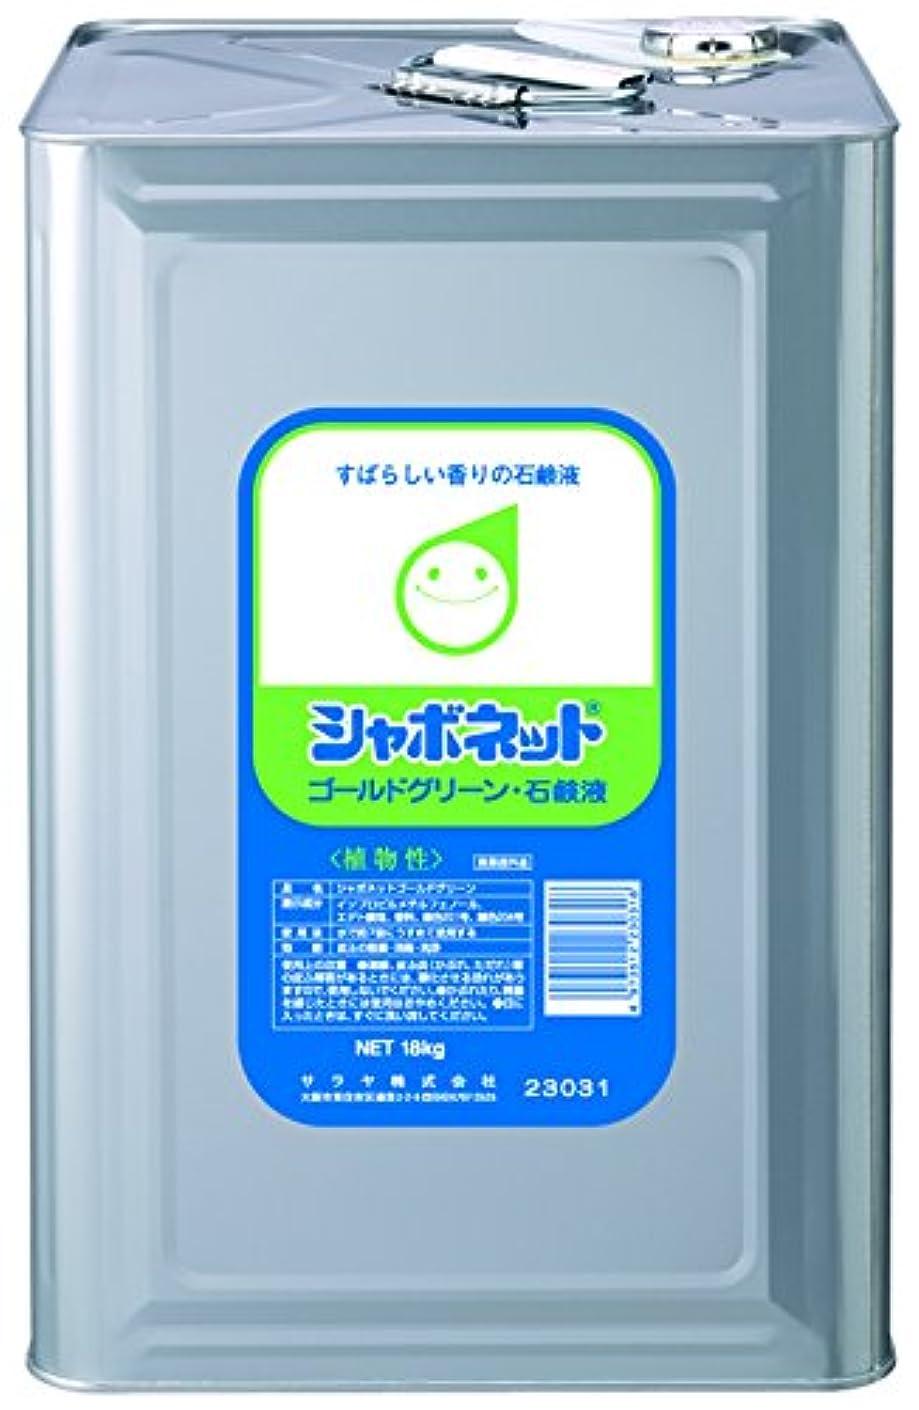 知る温かいペナルティサラヤ シャボネット ゴールドグリーン 業務用 18kg